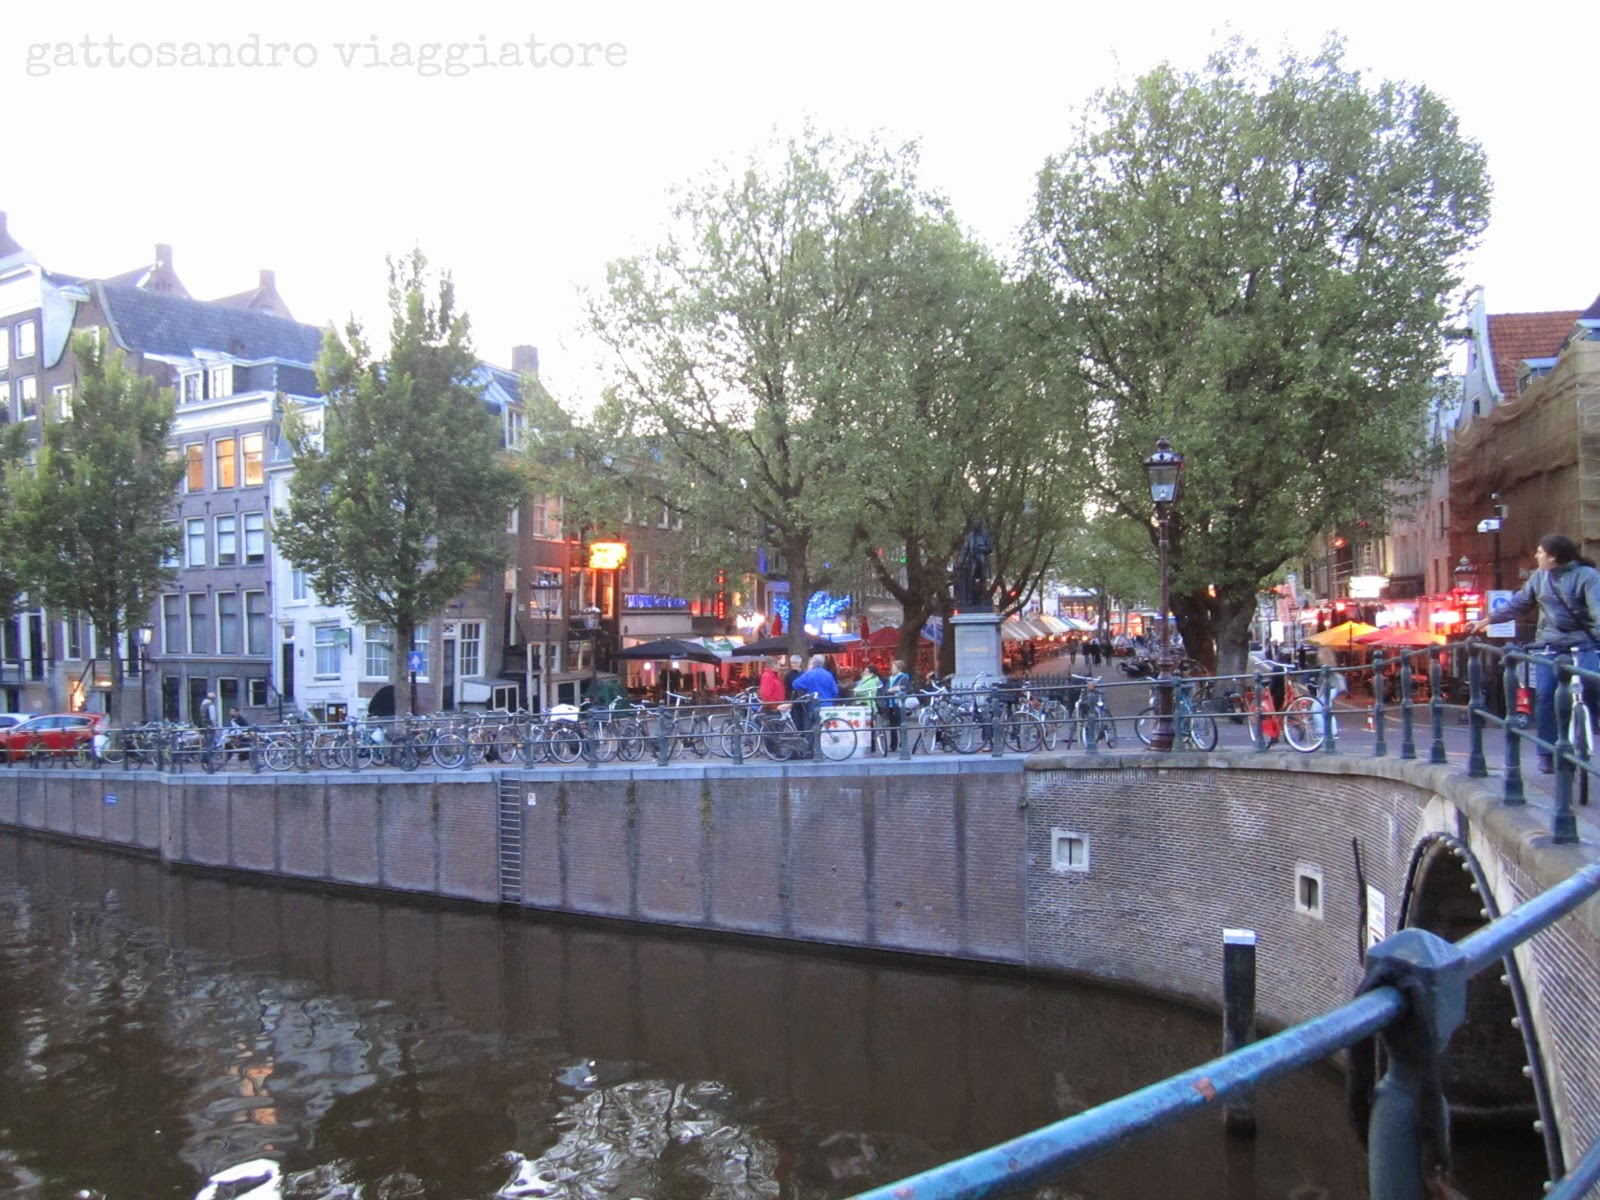 Gattosandro viaggiatore travel blog diario di viaggio for Stanze ad amsterdam